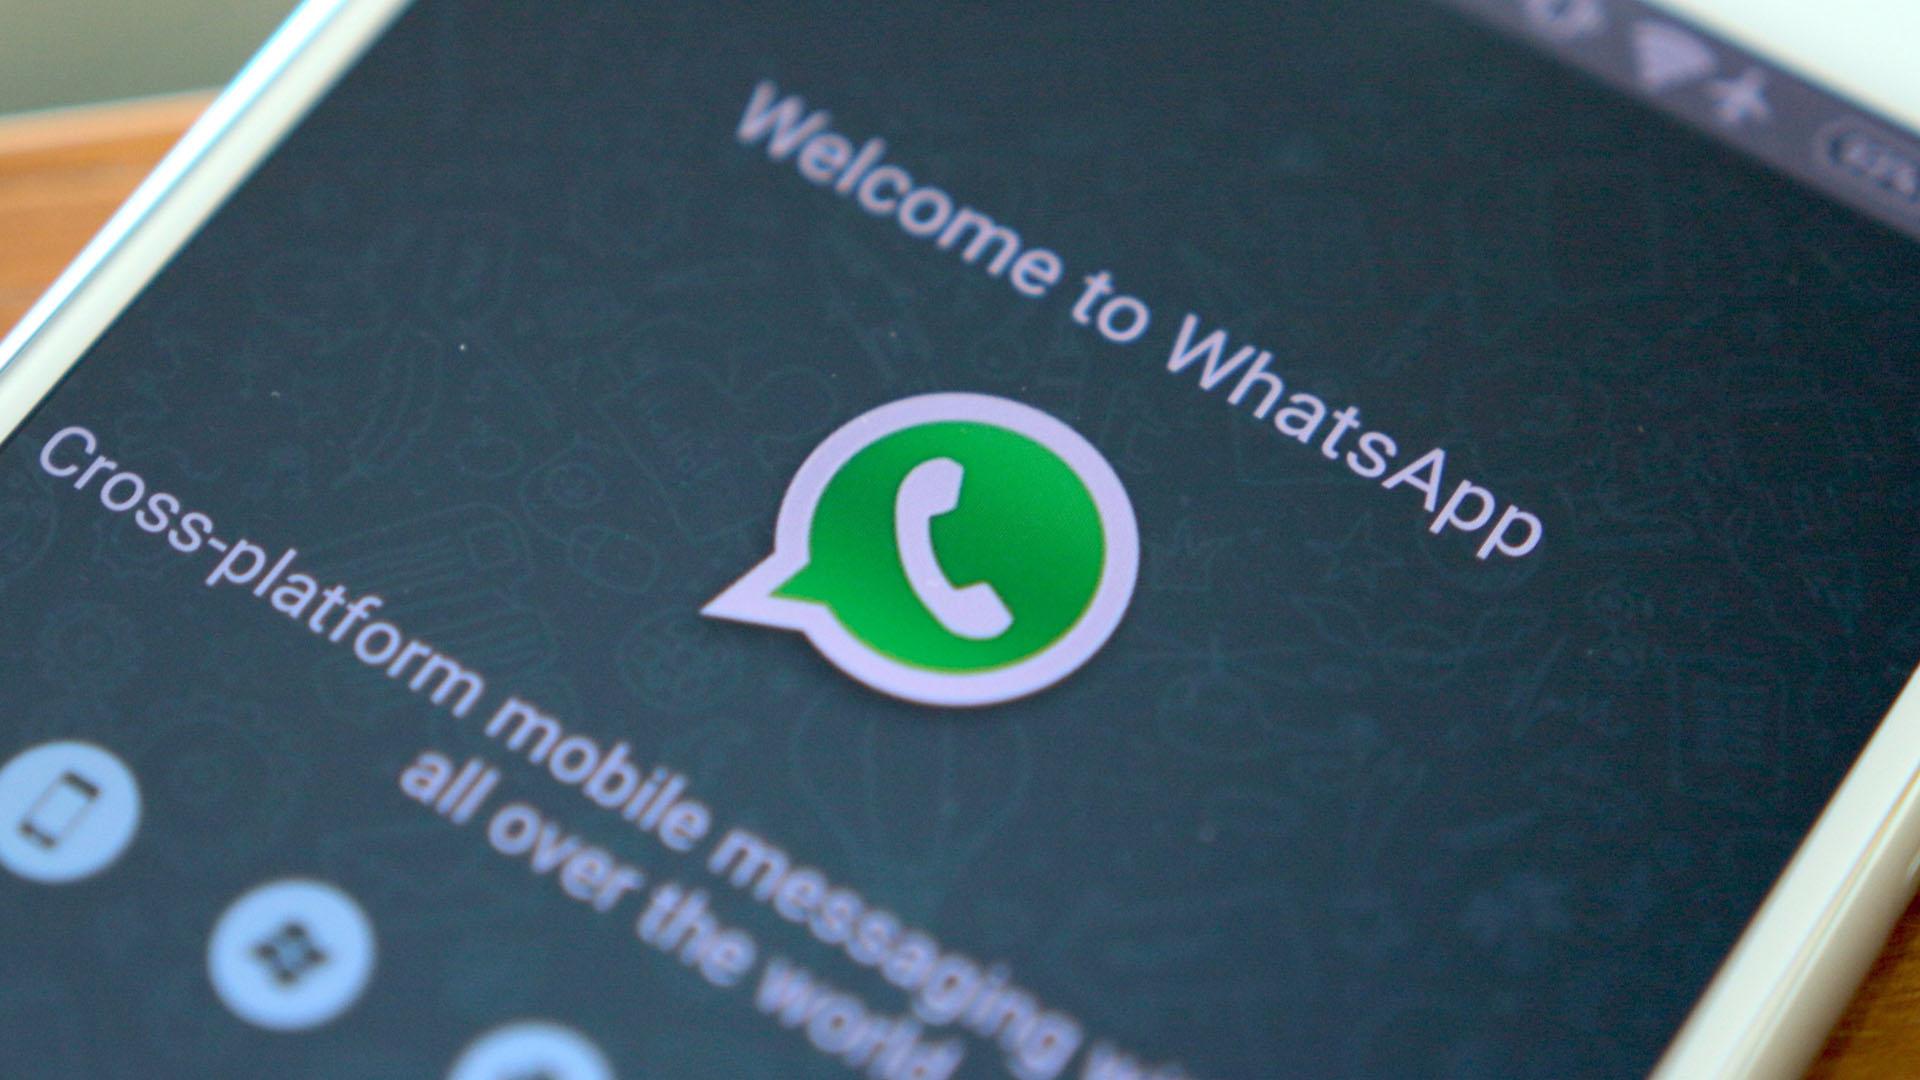 Por tercera vez la app de mensajería sufre las consecuencias de no suministrar datos de usuarios que hacen frente a procesos judiciales